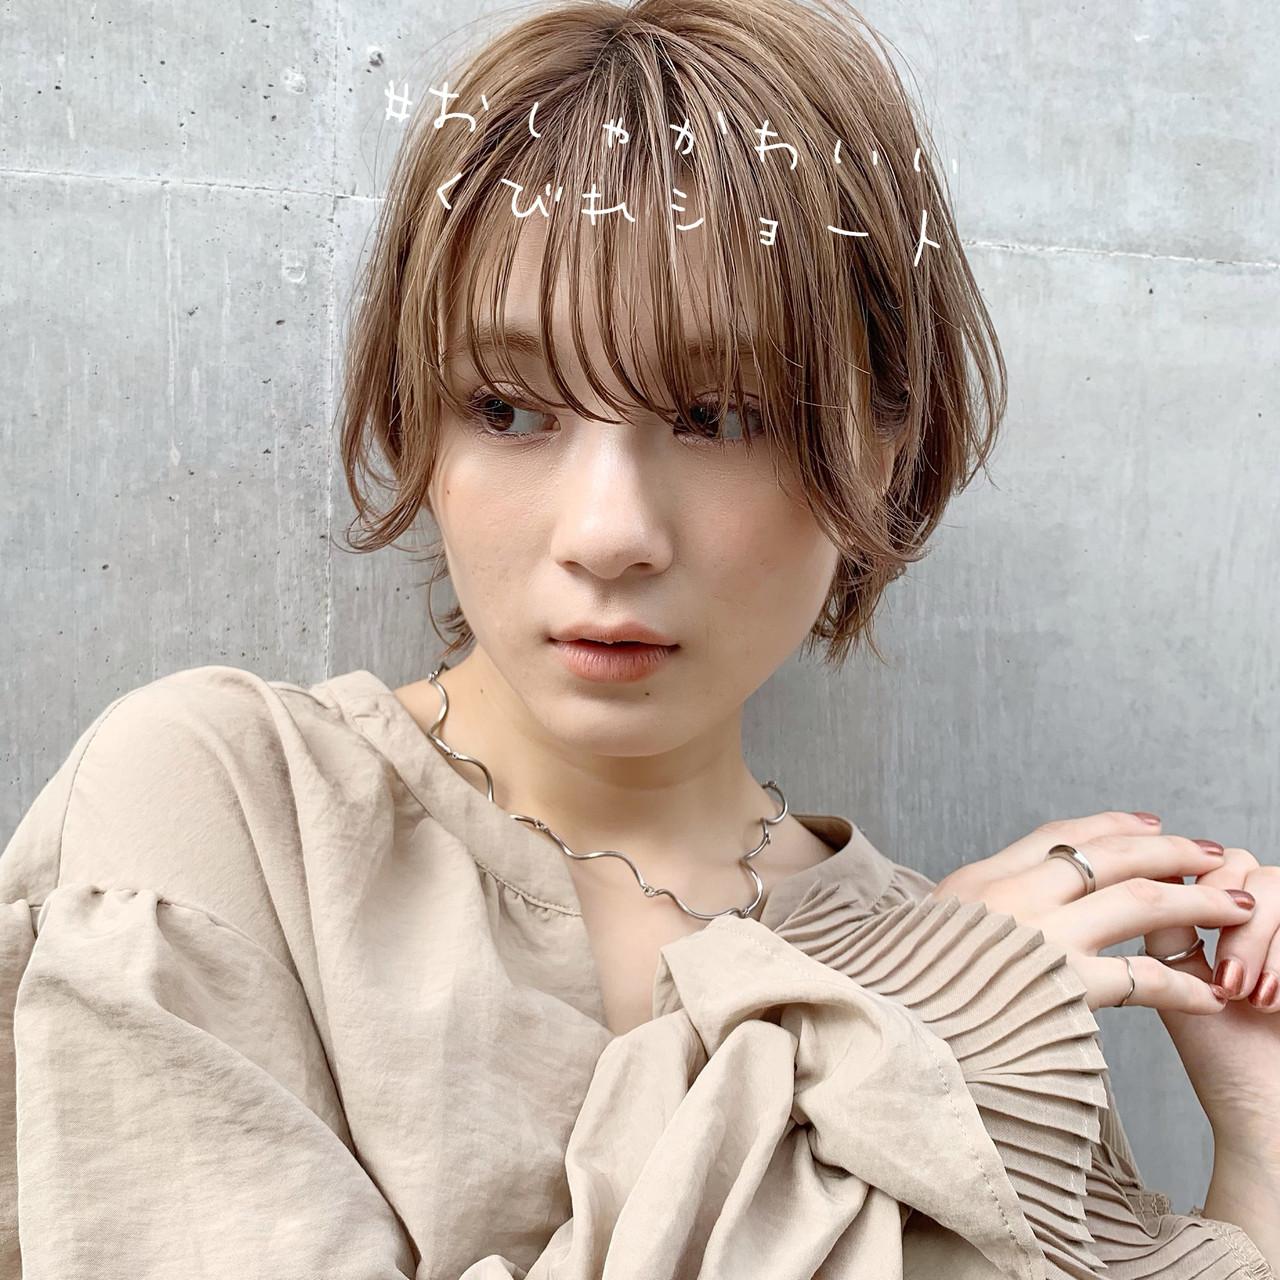 ナチュラル ショートボブ ショートヘア ショート ヘアスタイルや髪型の写真・画像 | Natsuko Kodama 児玉奈都子 / dydi